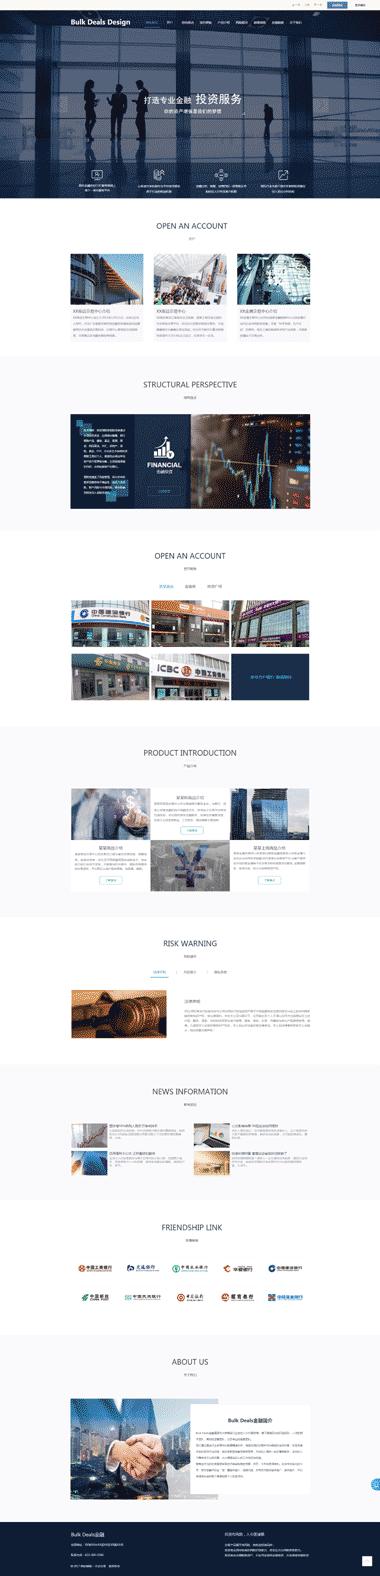 金融投资网站模板-制作金融投资网站-优化金融投资网站